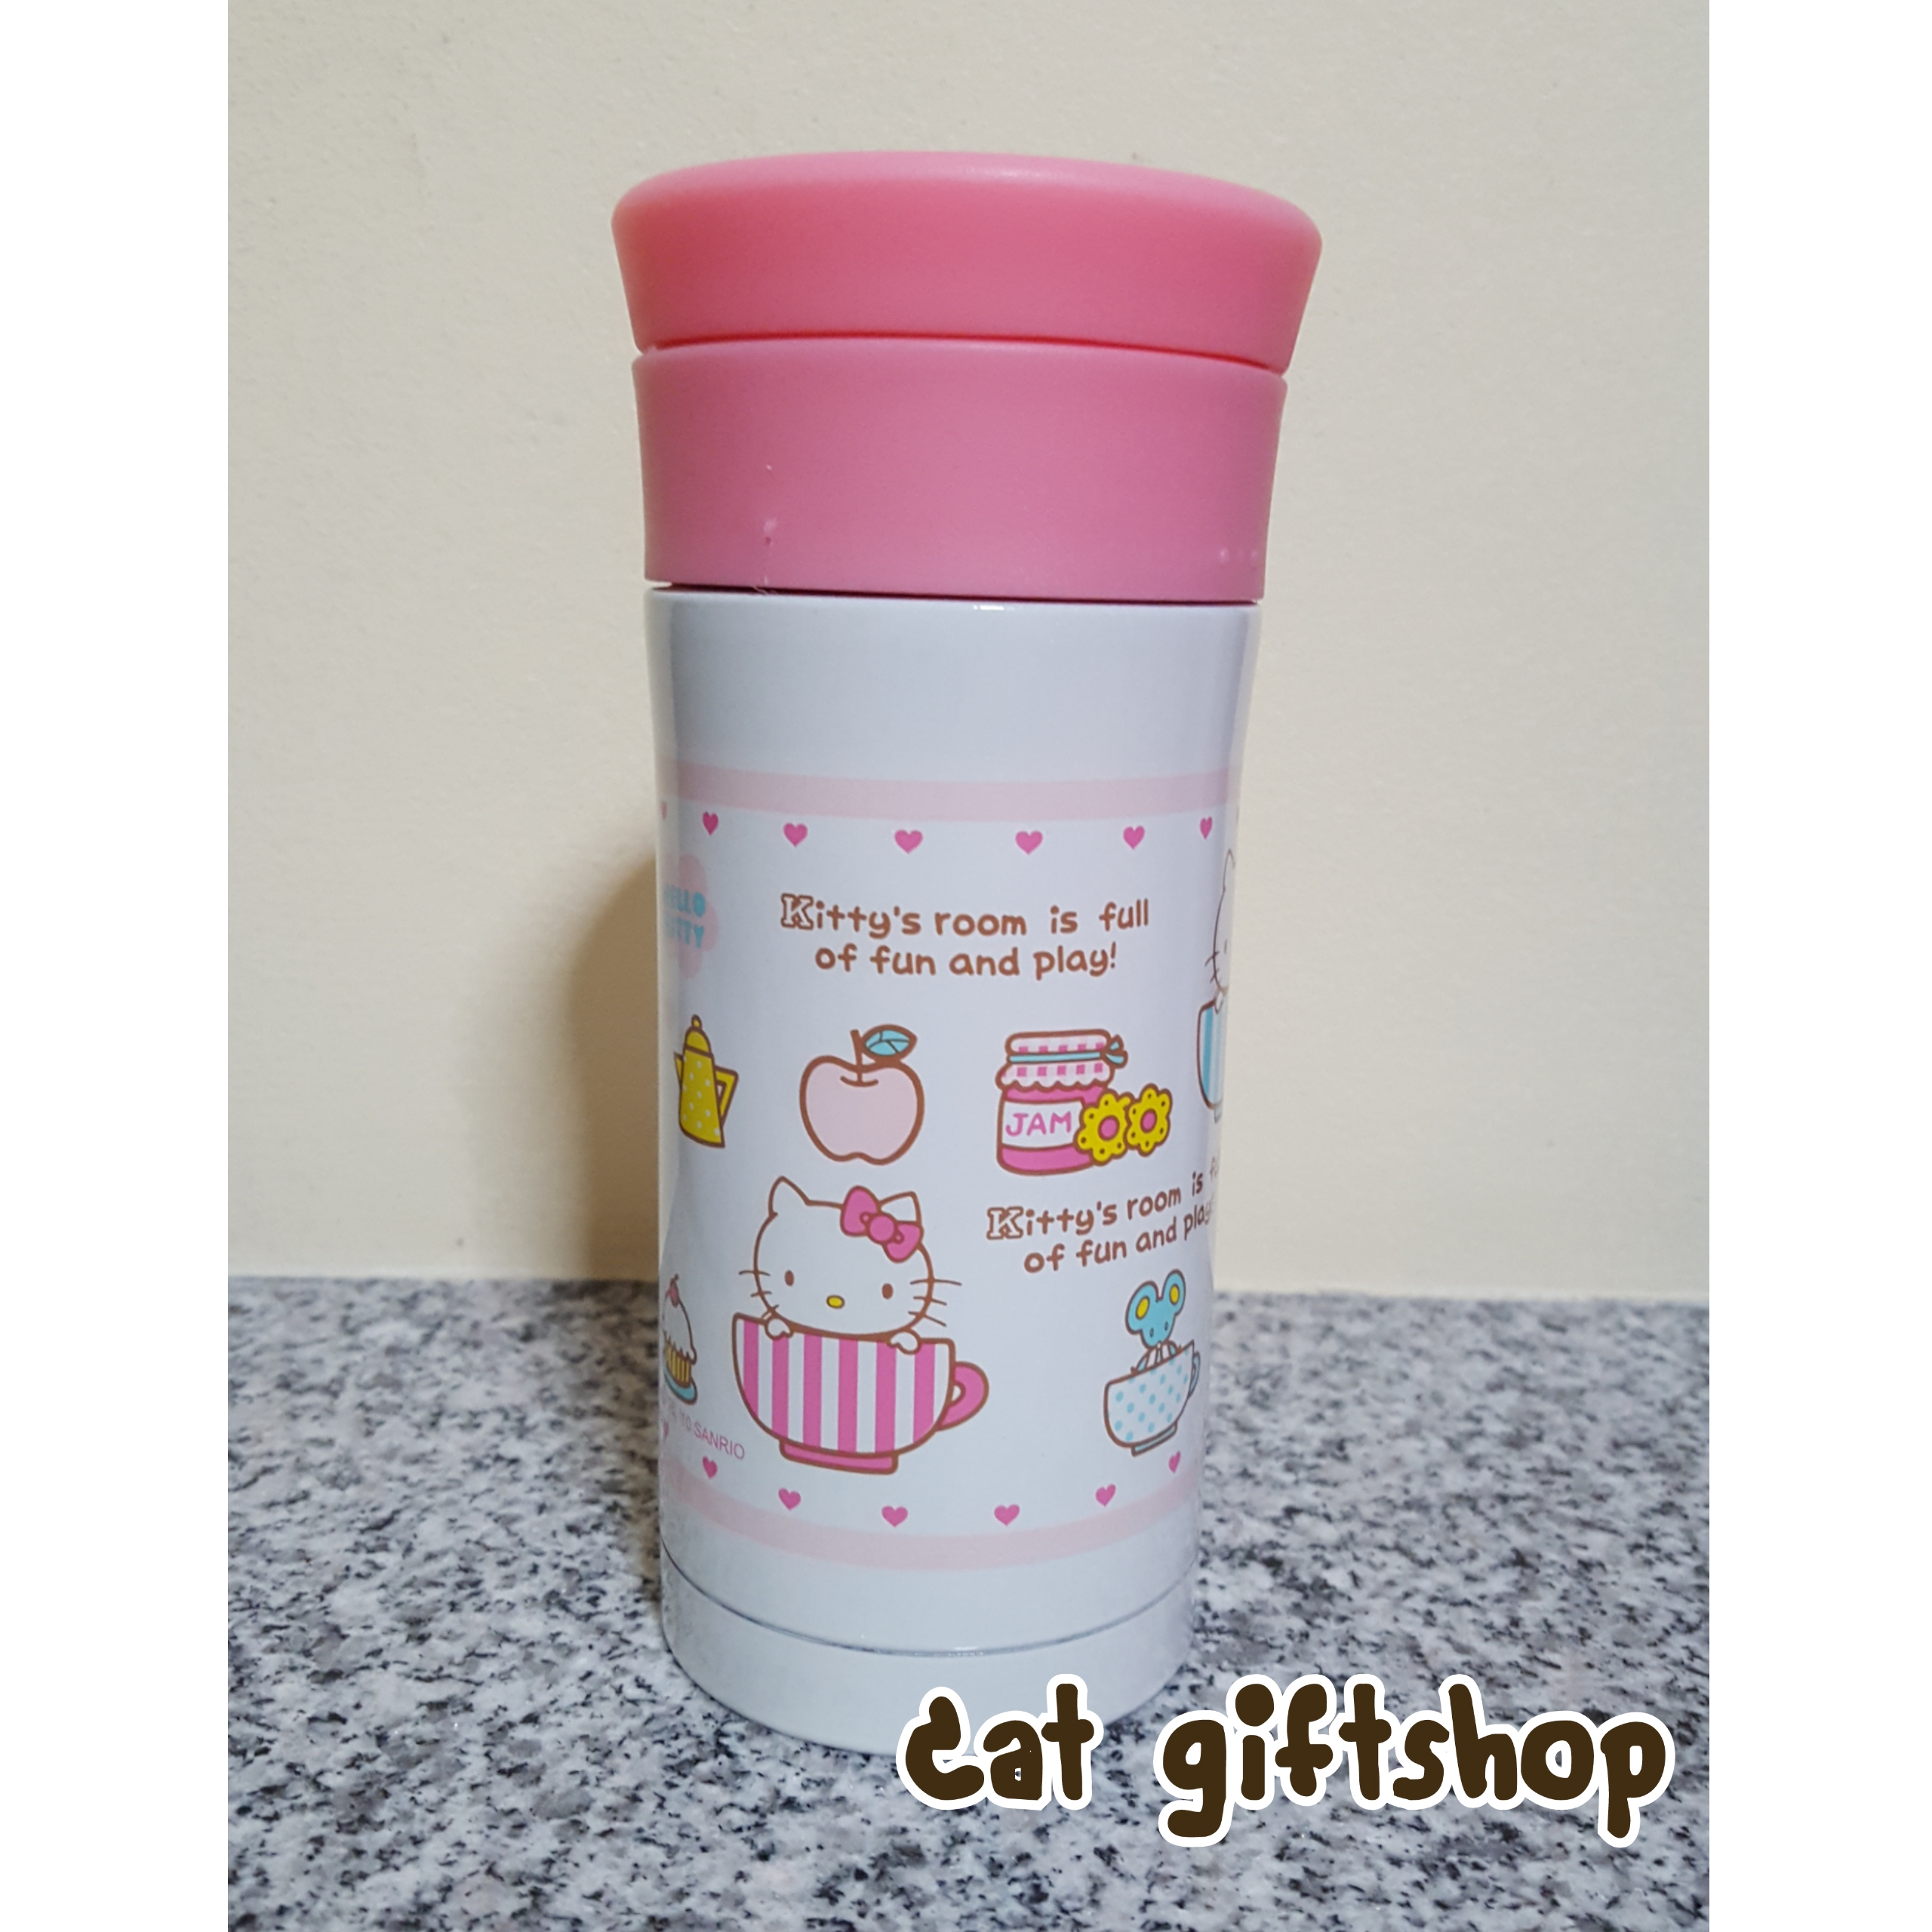 พร้อมส่ง :: กระบอกน้ำ เก็บร้อน-เย็น Hello kitty 350 ml.